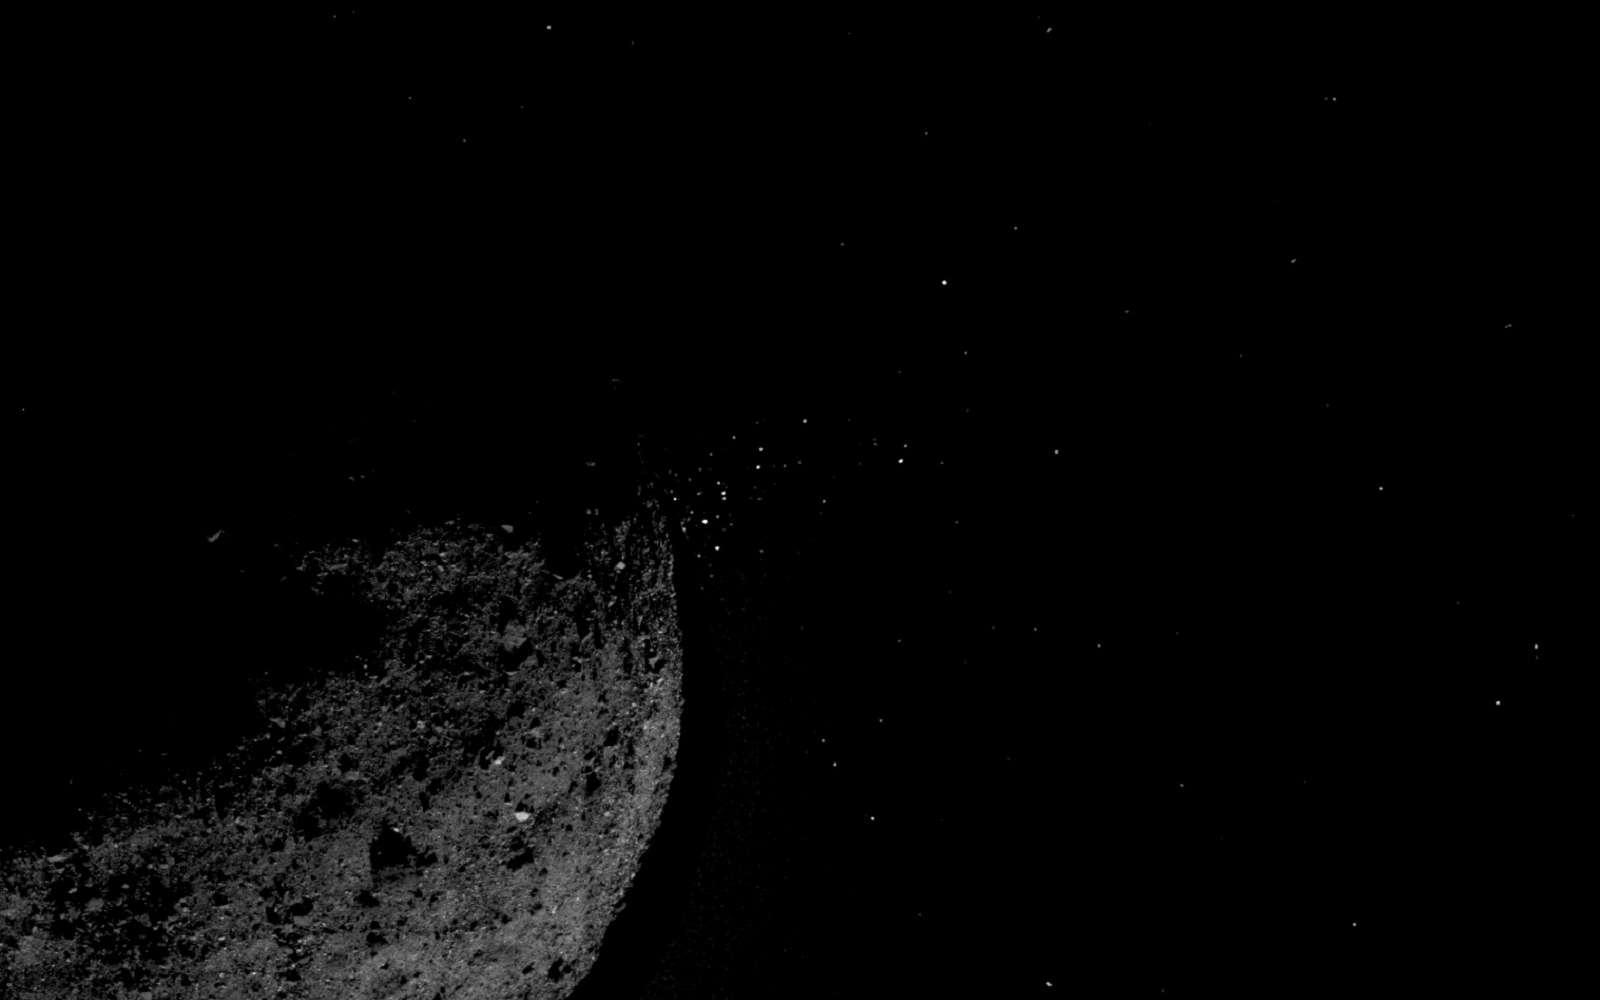 De la poussière éjectée de la surface de Bennu vue le 19 janvier 2019 par Osiris-Rex, alors à 1,61 km d'altitude. © Nasa/Goddard/University of Arizona/Lockheed Martin